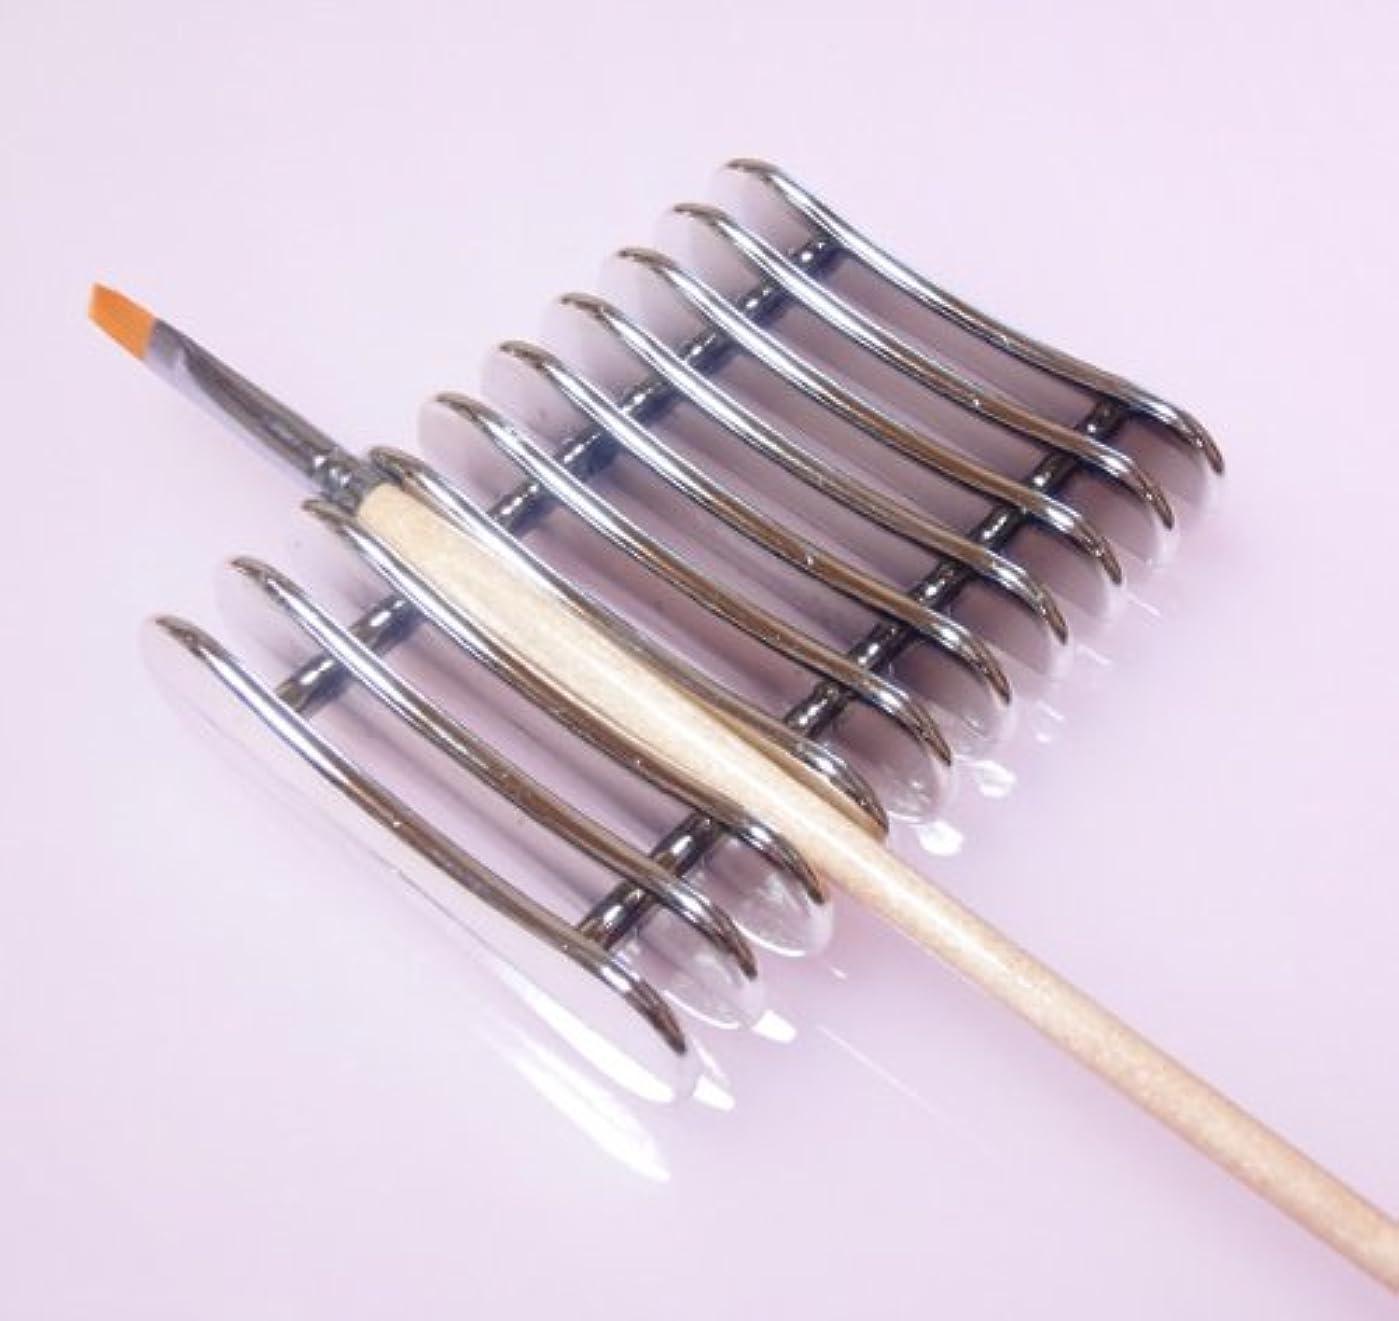 リーズ無礼に実施するネイルブラシホルダー ブラシスタンド ジェルネイル筆置き ネイル用品